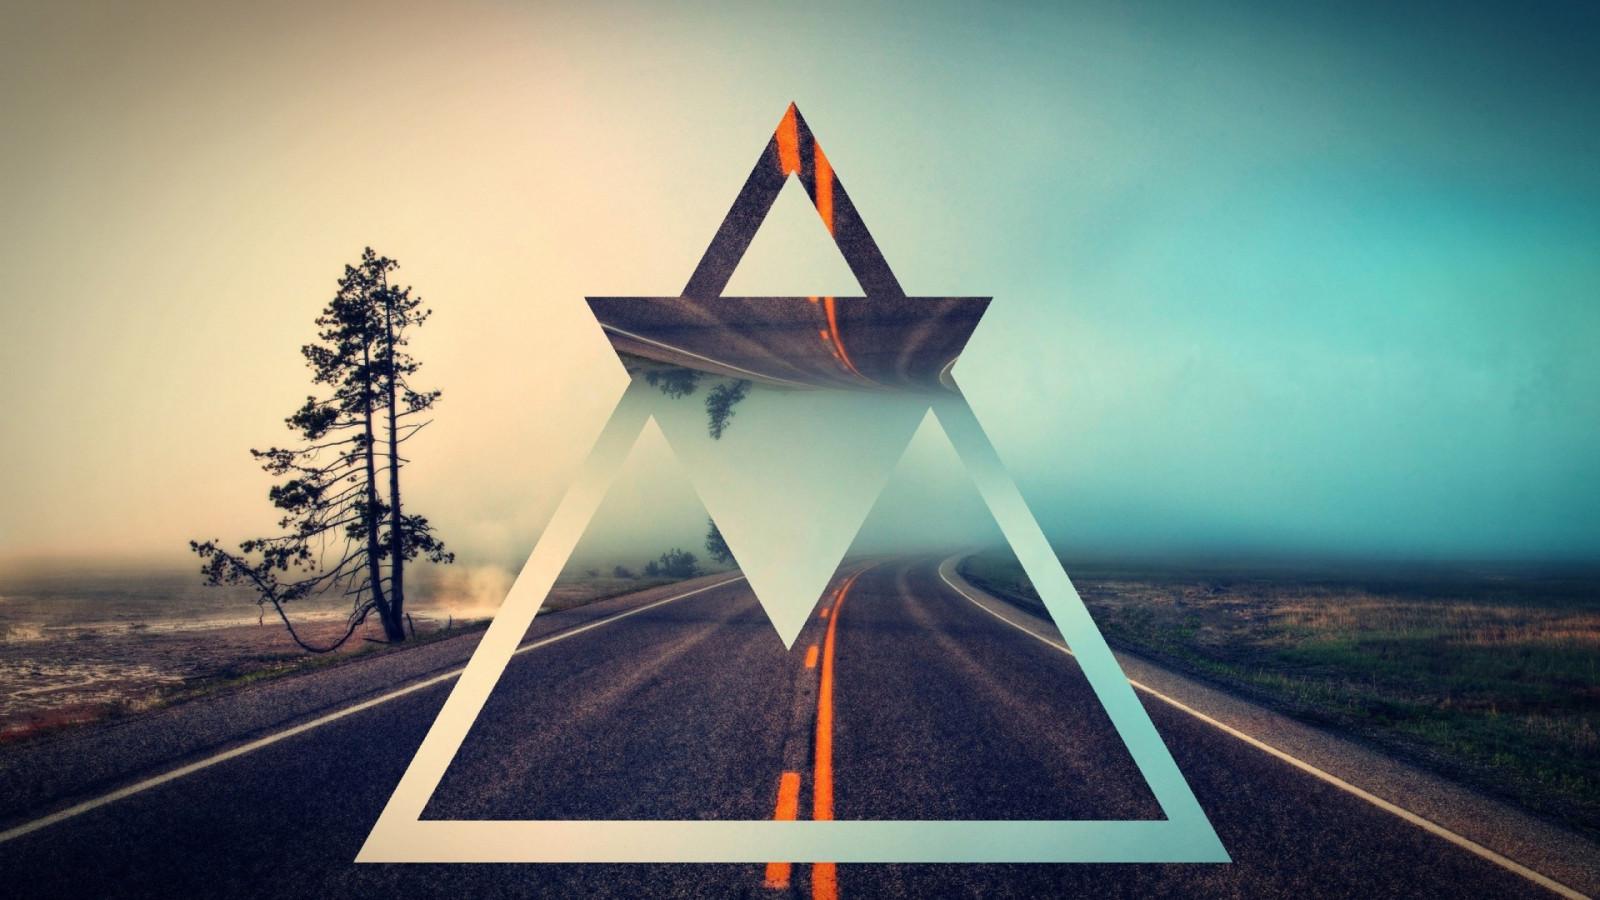 картинки с треугольниками и крестами что-то нам